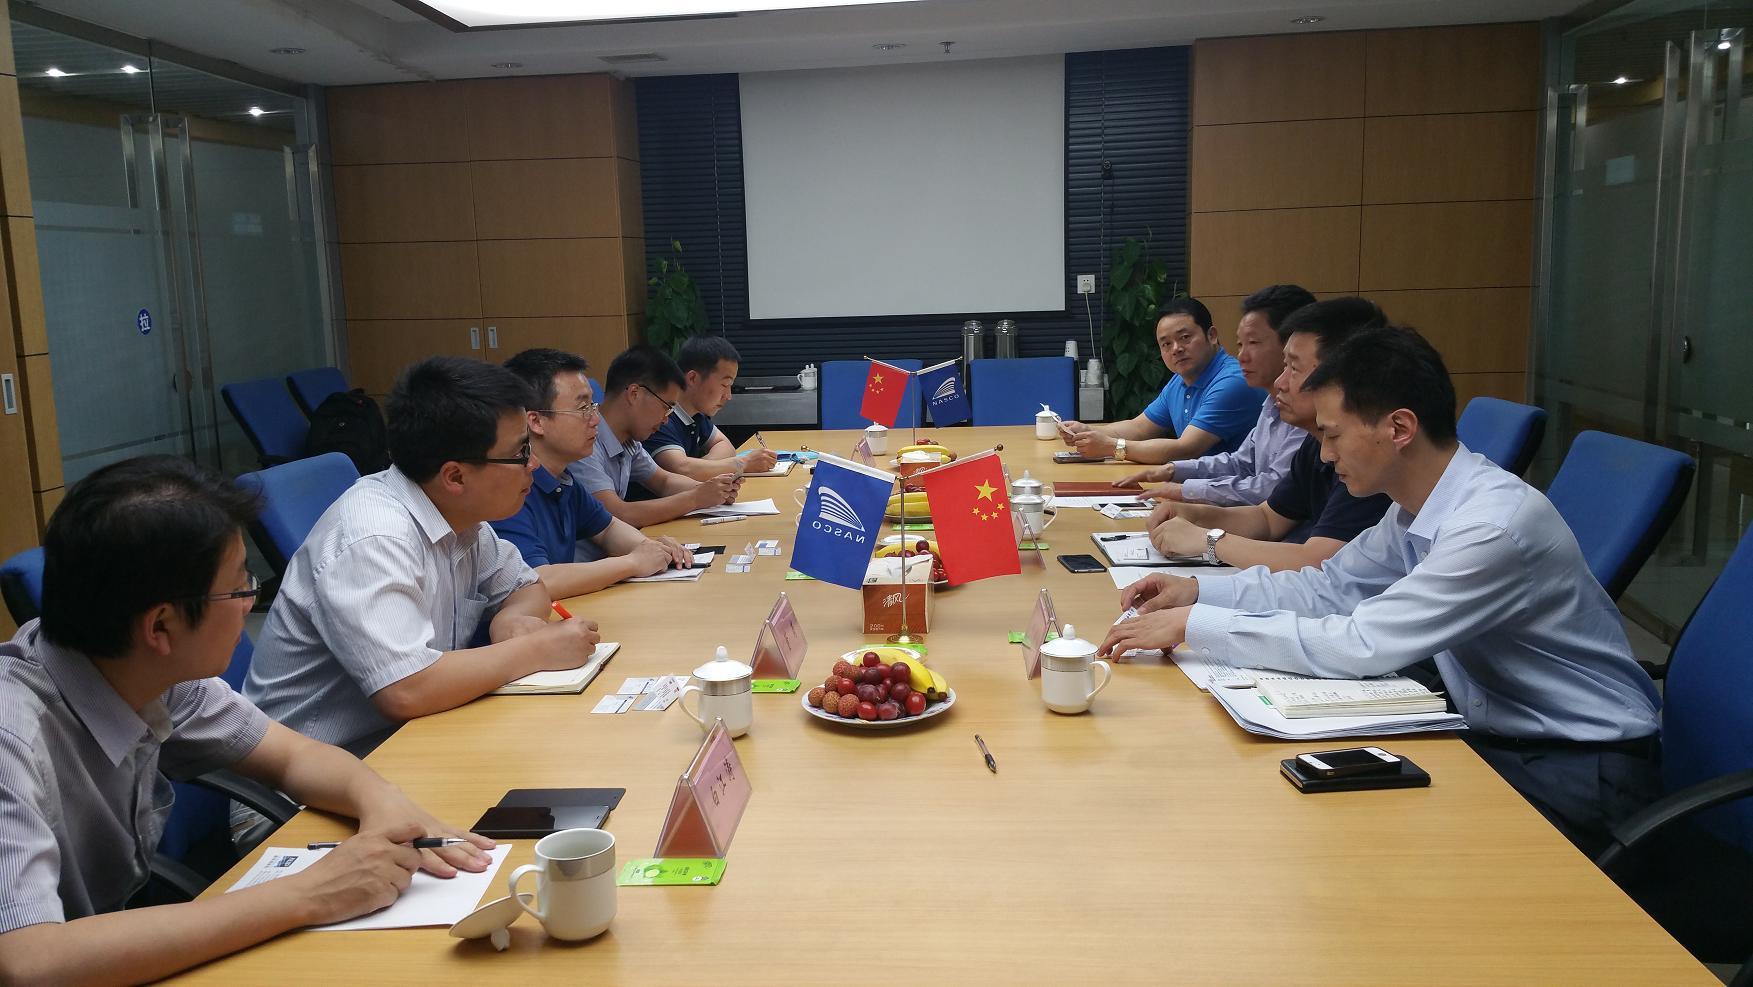 上海海事大学课题组来南京远洋调研